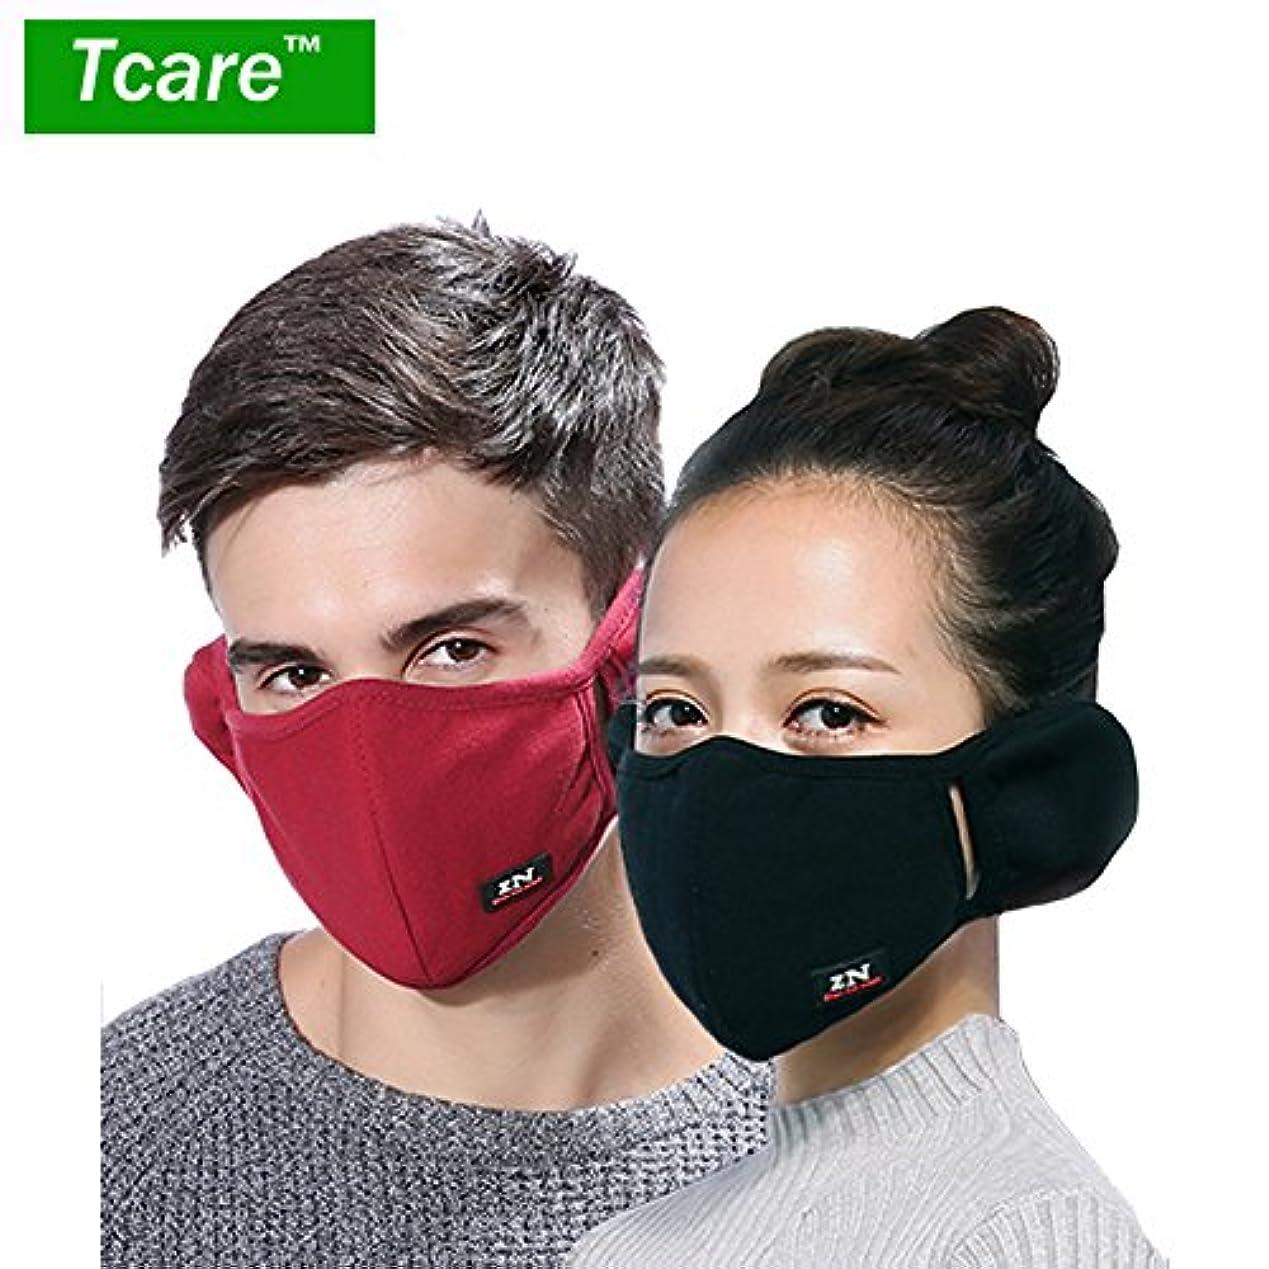 プーノ伝染性の誓い男性女性の少年少女のためのTcare呼吸器2レイヤピュアコットン保護フィルター挿入口:10紺